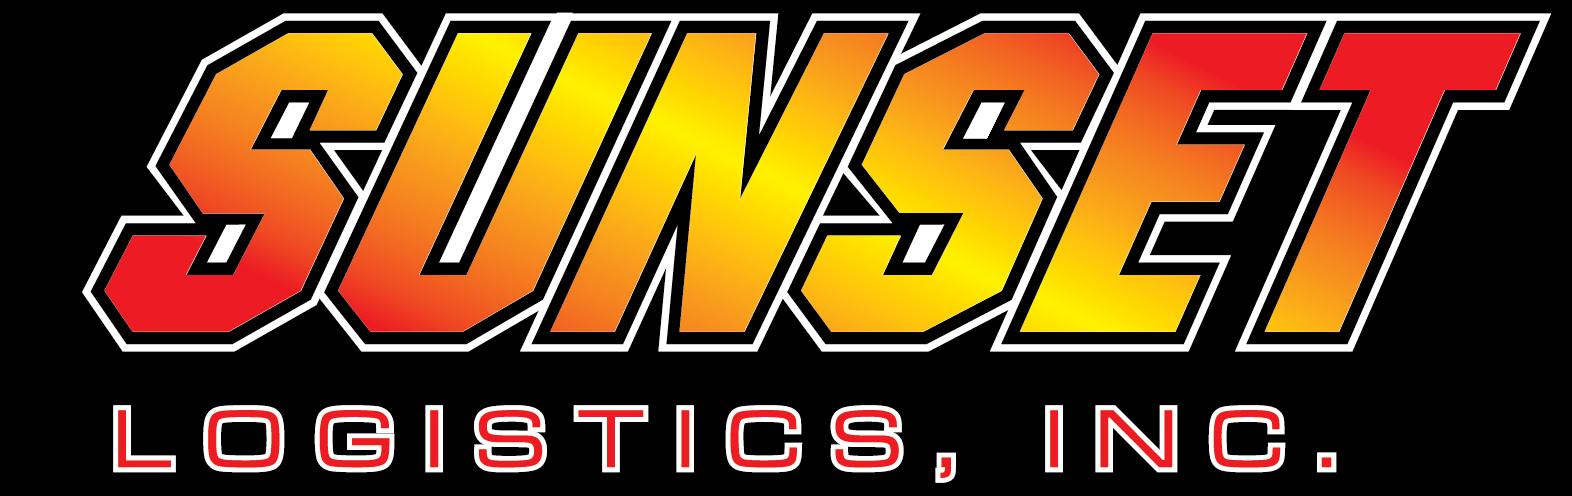 Sunset Logistics Inc. | Interstate Motor Carrier